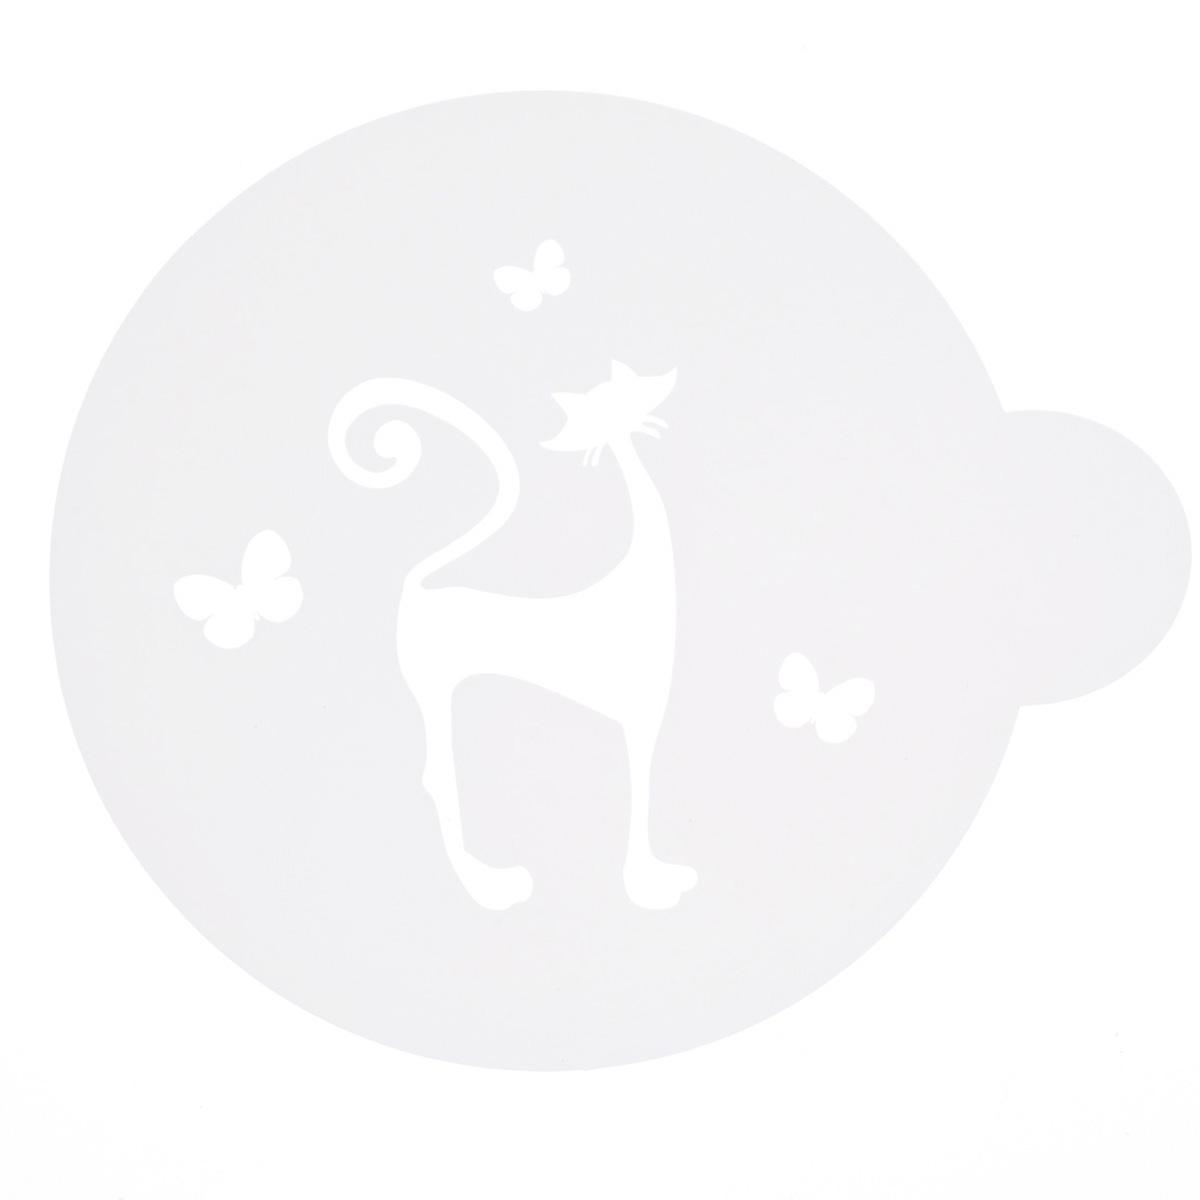 Трафарет на кофе и десерты Леденцовая фабрика Кошечка и бабочки, диаметр 10 см68/5/3Трафарет представляет собой пластину с прорезями, через которые пищевая краска (сахарная пудра, какао, шоколад, сливки, корица, дробленый орех) наносится на поверхность кофе, молочных коктейлей, десертов. Трафарет изготовлен из матового пищевого пластика 250 мкм и пригоден для контакта с пищевыми продуктами. Трафарет многоразовый. Побалуйте себя и ваших близких красиво оформленным кофе.